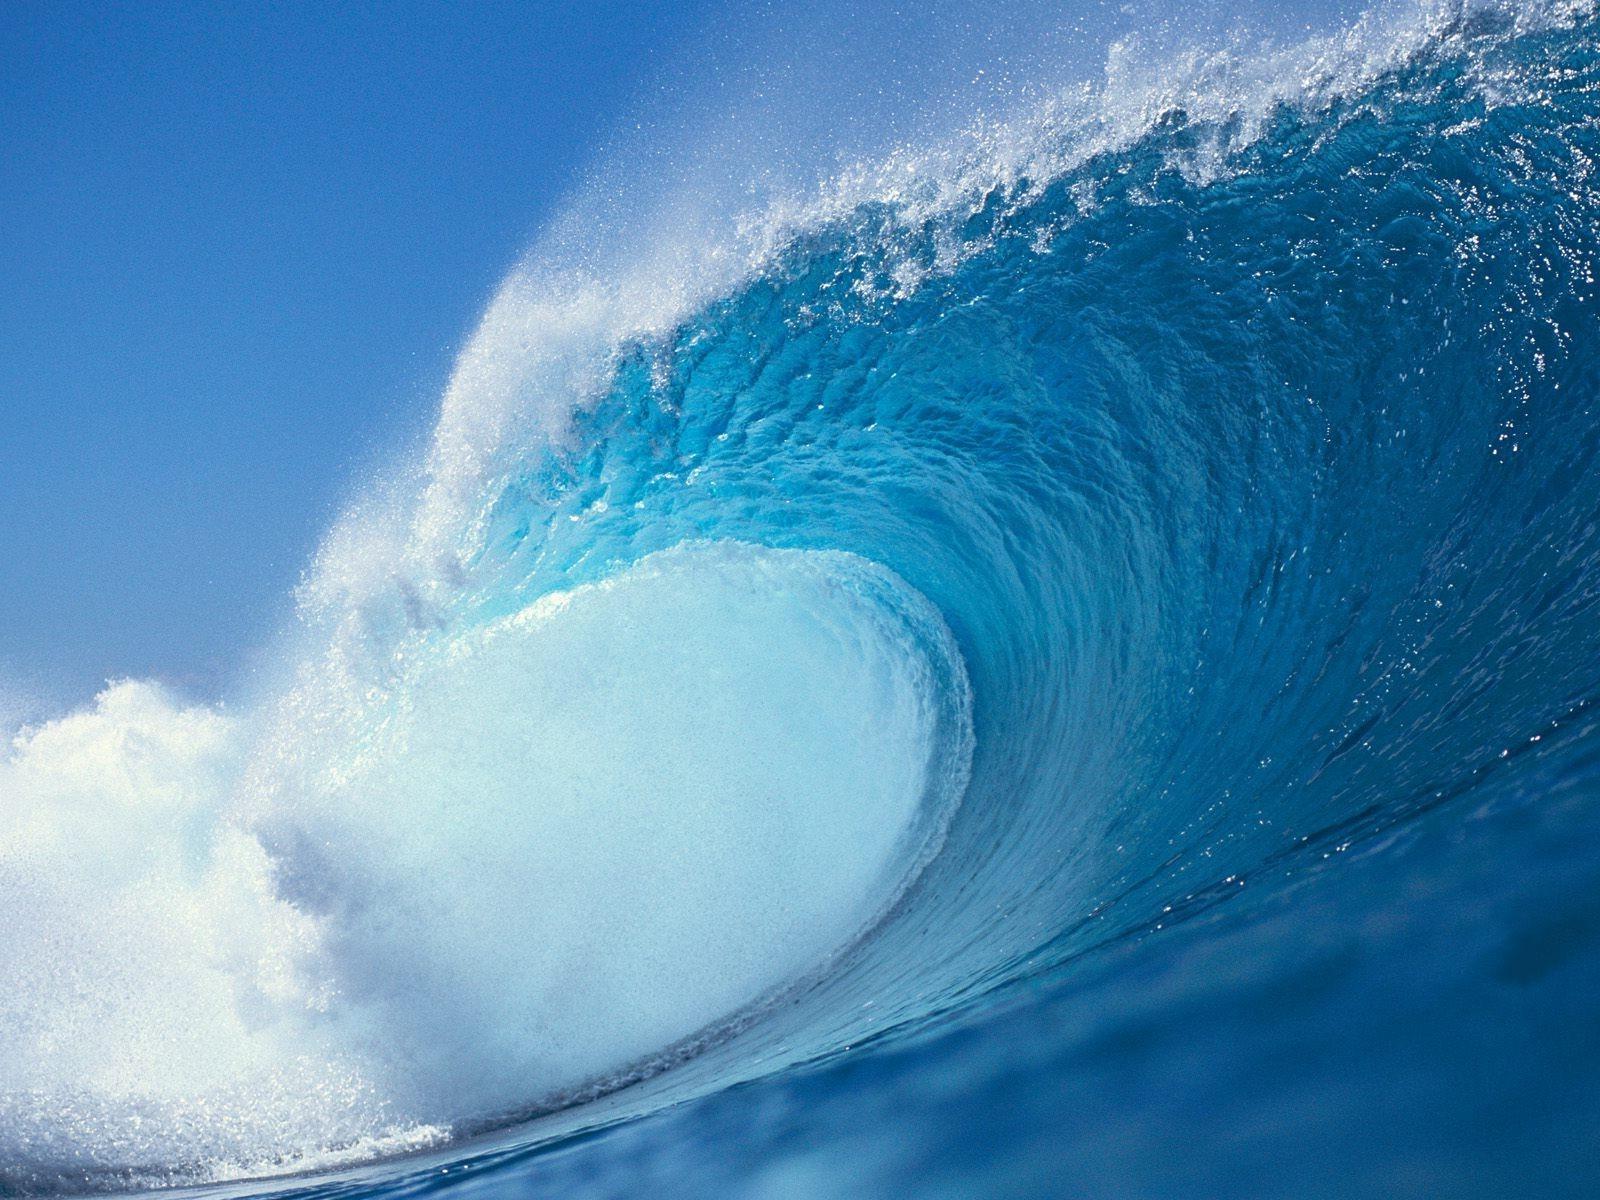 SON DAKİKA! Kıbrıs İçin Tsunami Uyarısı